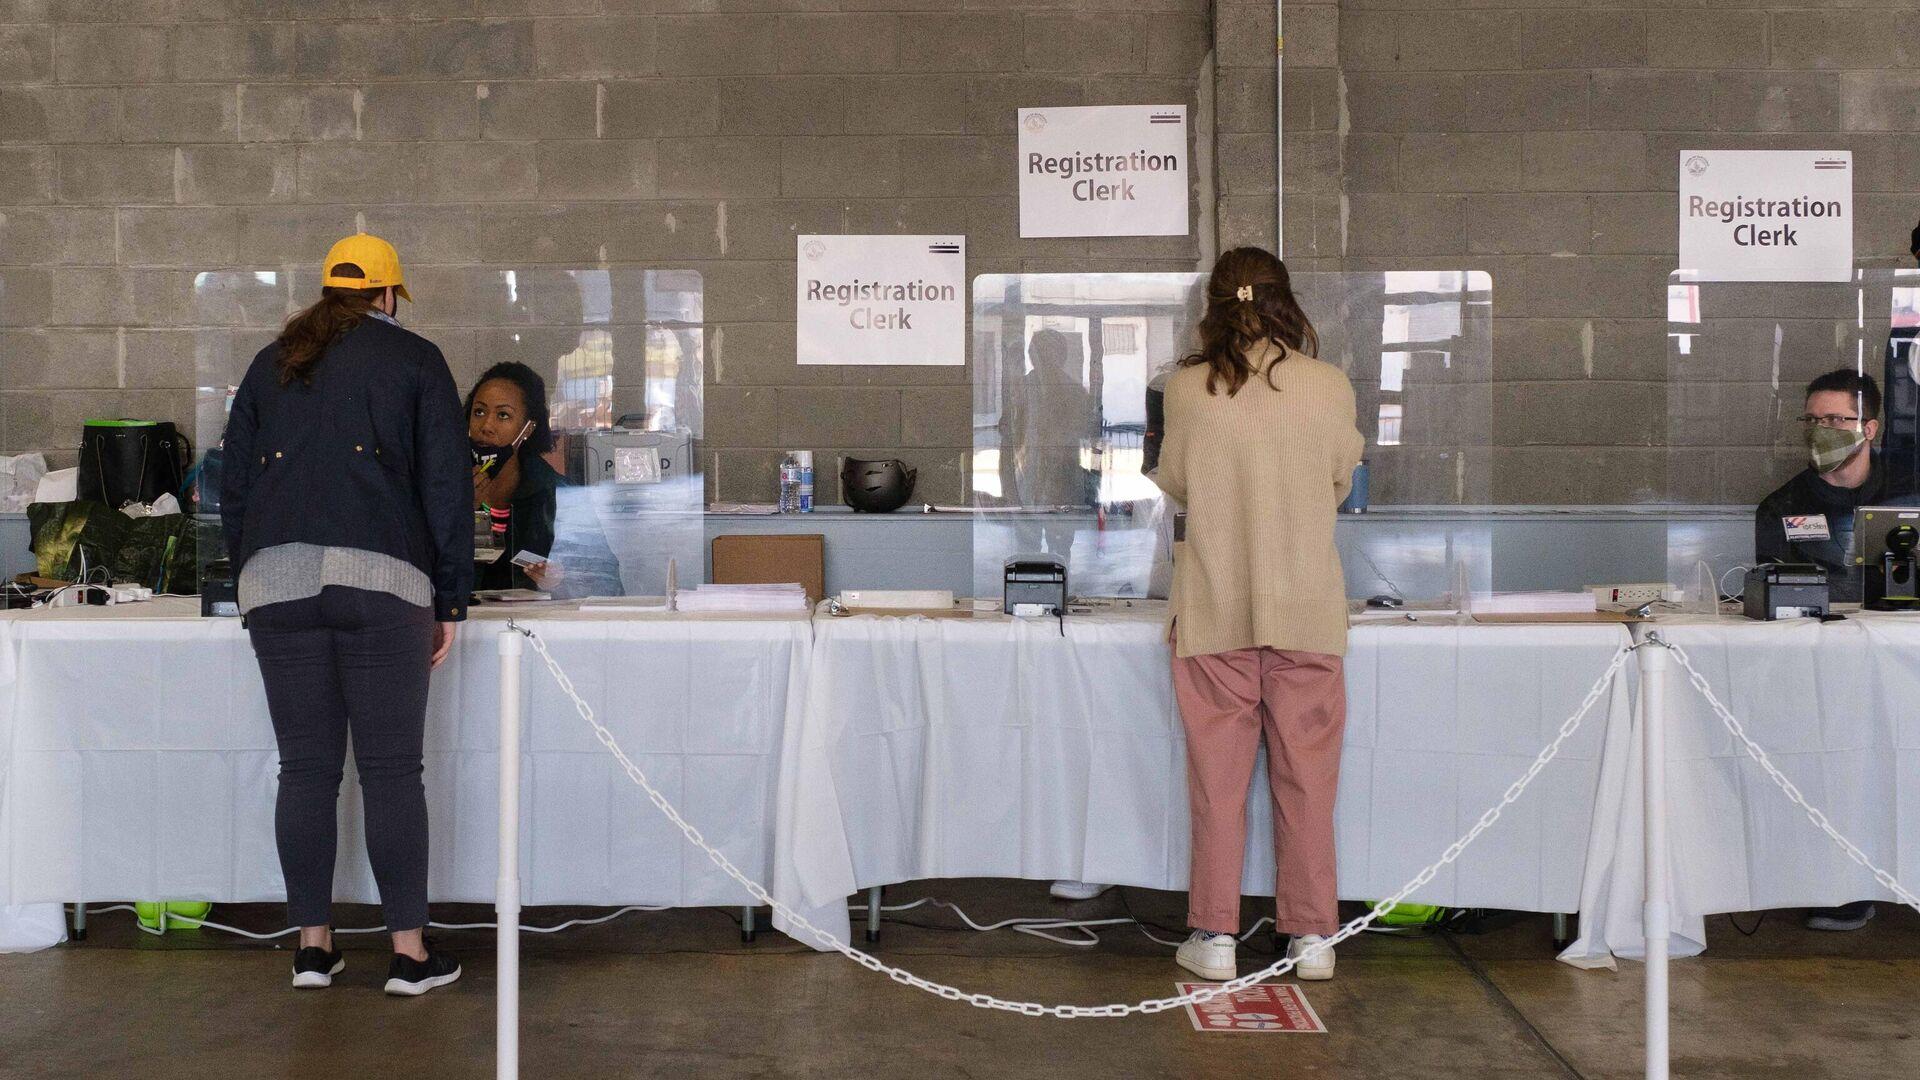 Избиратели во время голосования на выборах президента США на одном из избирательных участков в Вашингтоне - РИА Новости, 1920, 04.11.2020